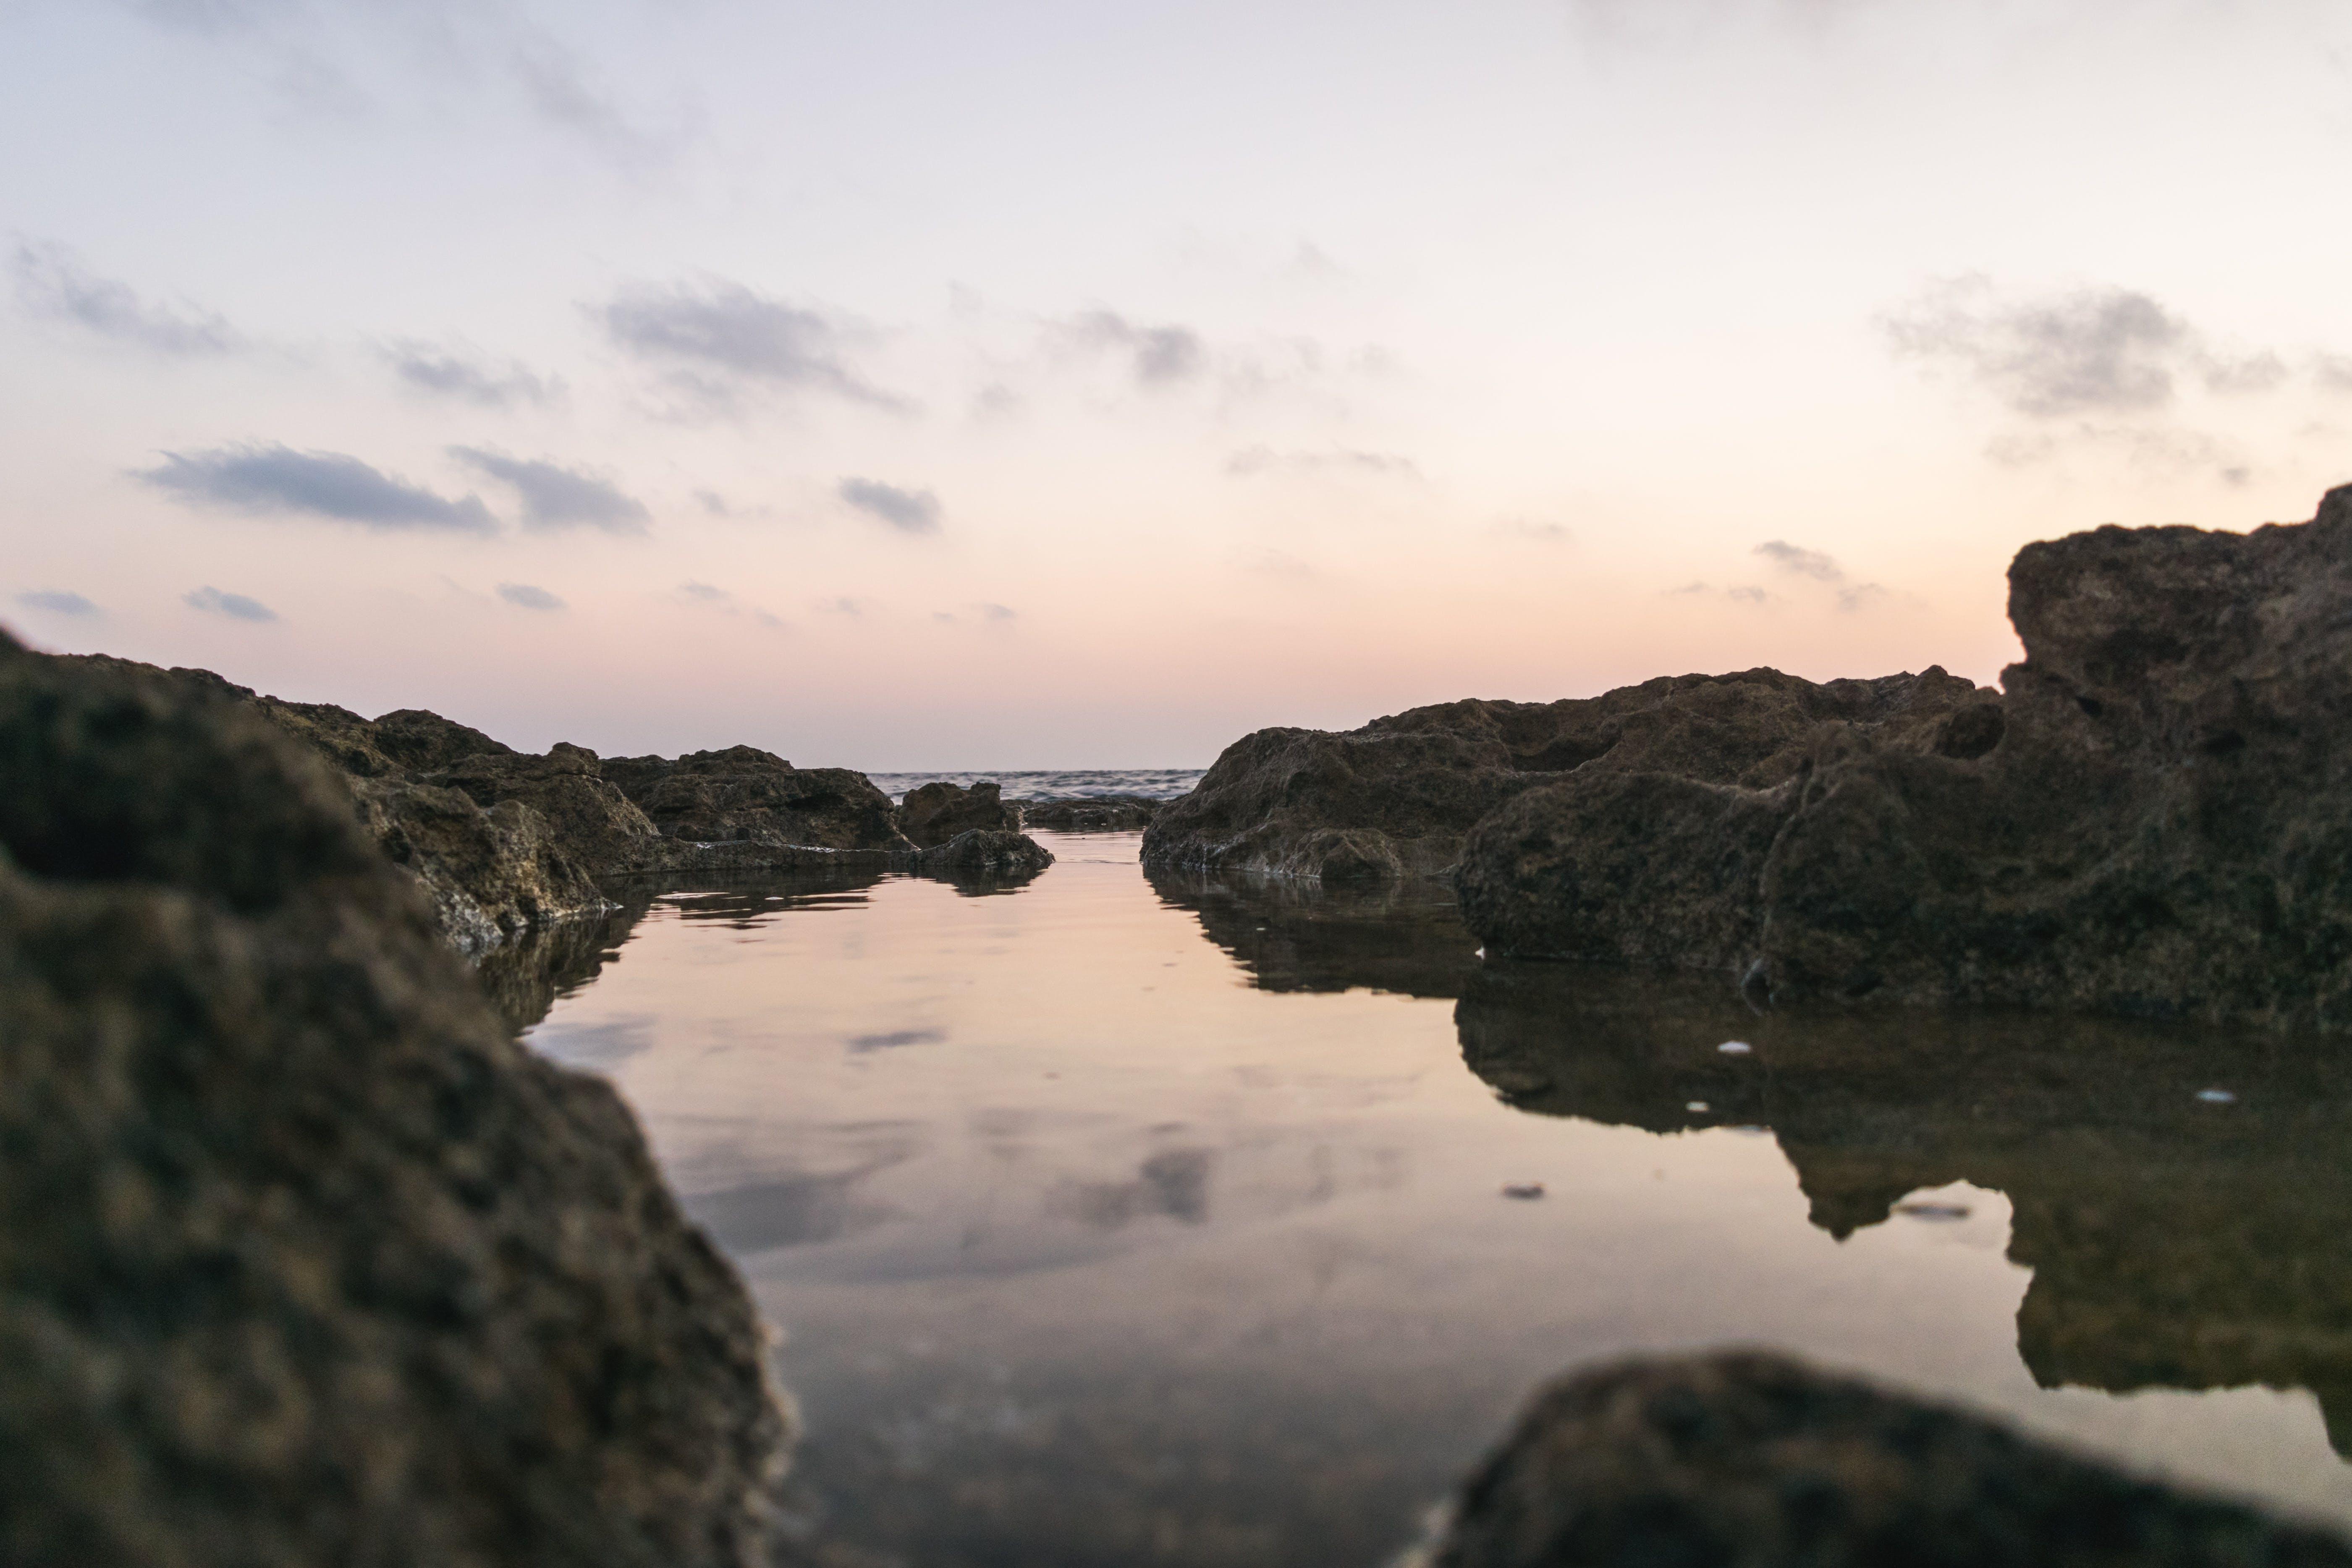 Gratis lagerfoto af close-up, hav, himmel, klippefyldt